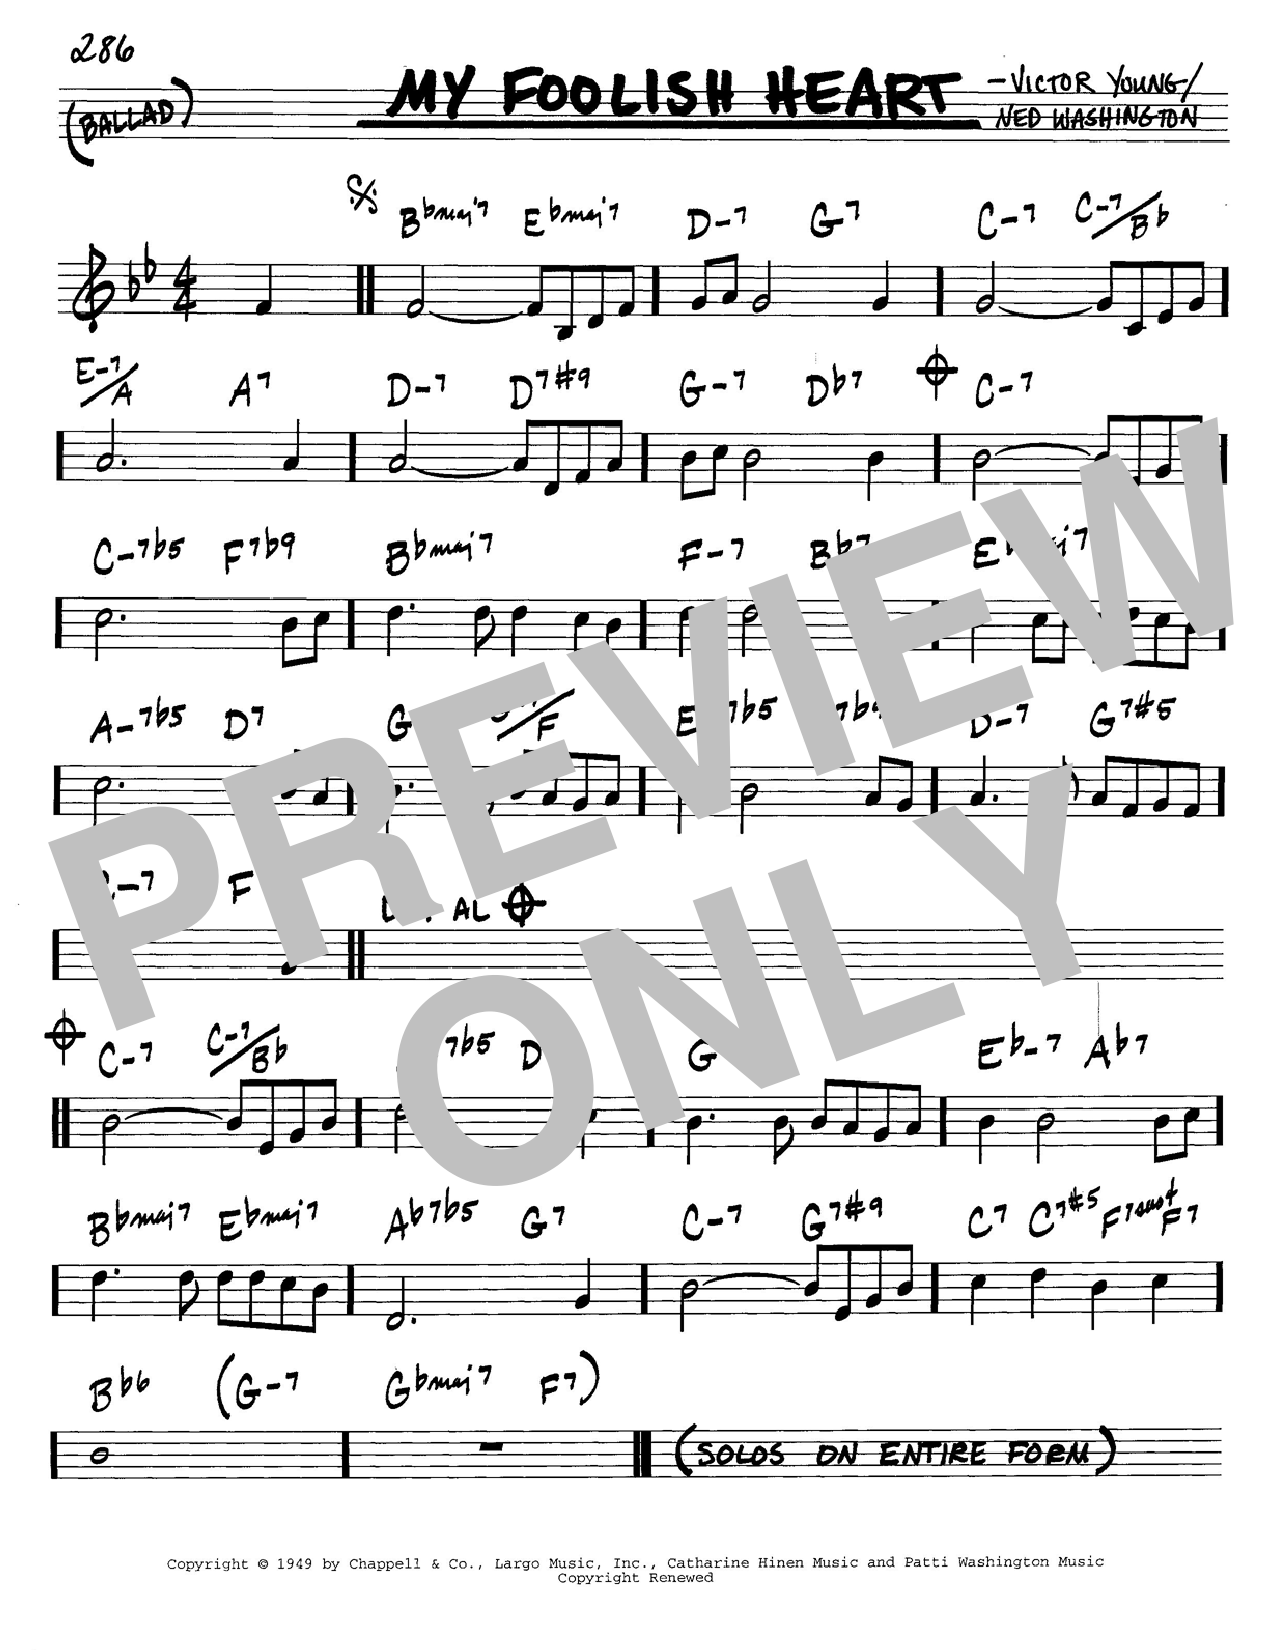 My Foolish Heart sheet music